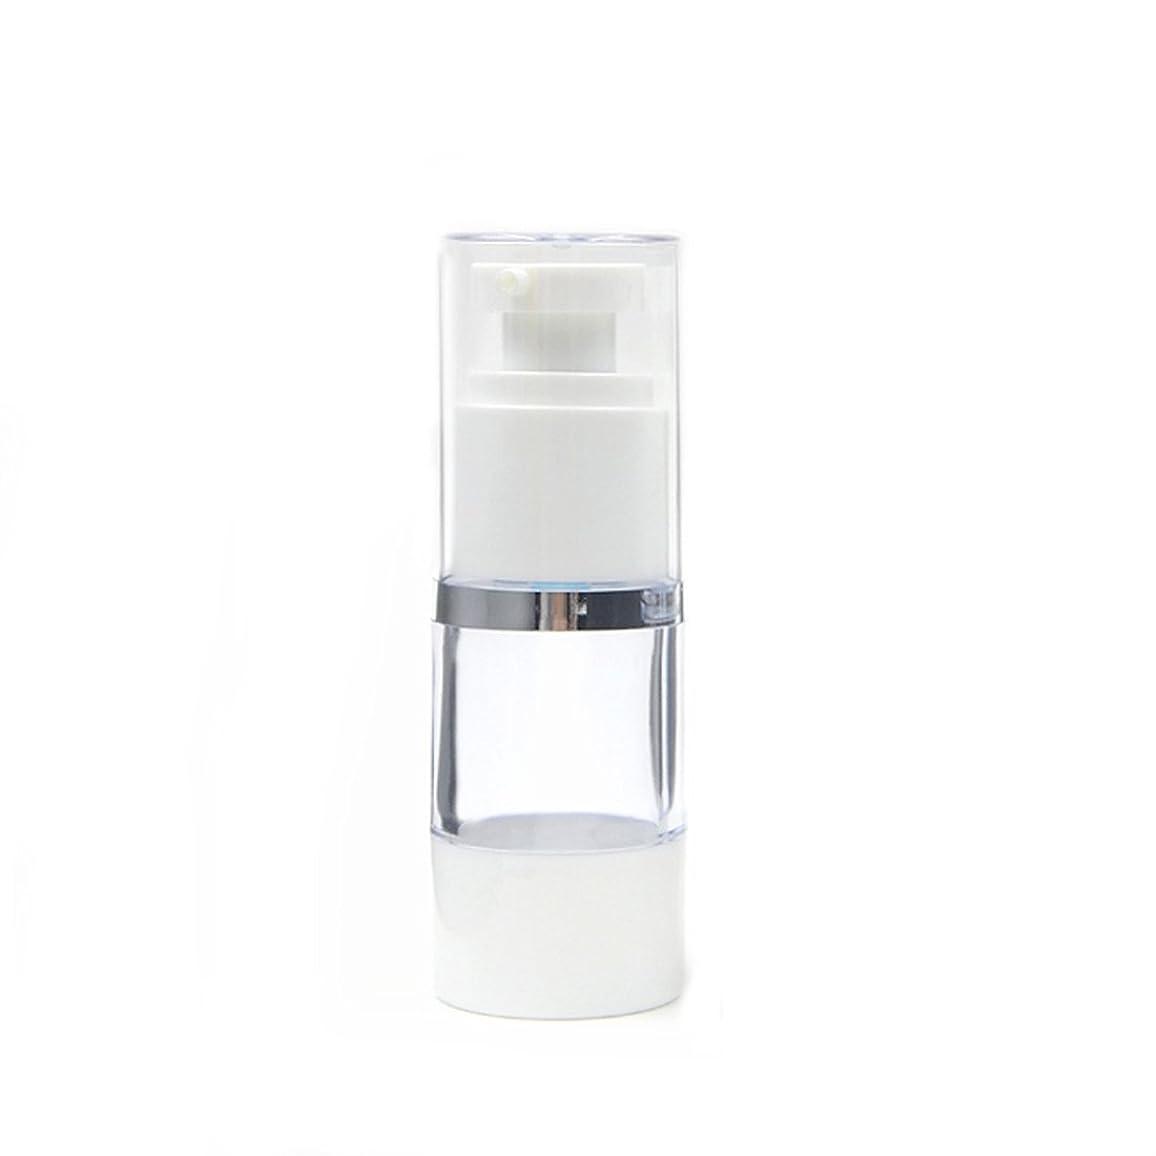 計算極小うがいAngelakerry エアレス 容器 プラスチック製 15ml シルバーエッジ  手作りコスメ 手作り化粧品 10本セット [並行輸入品]